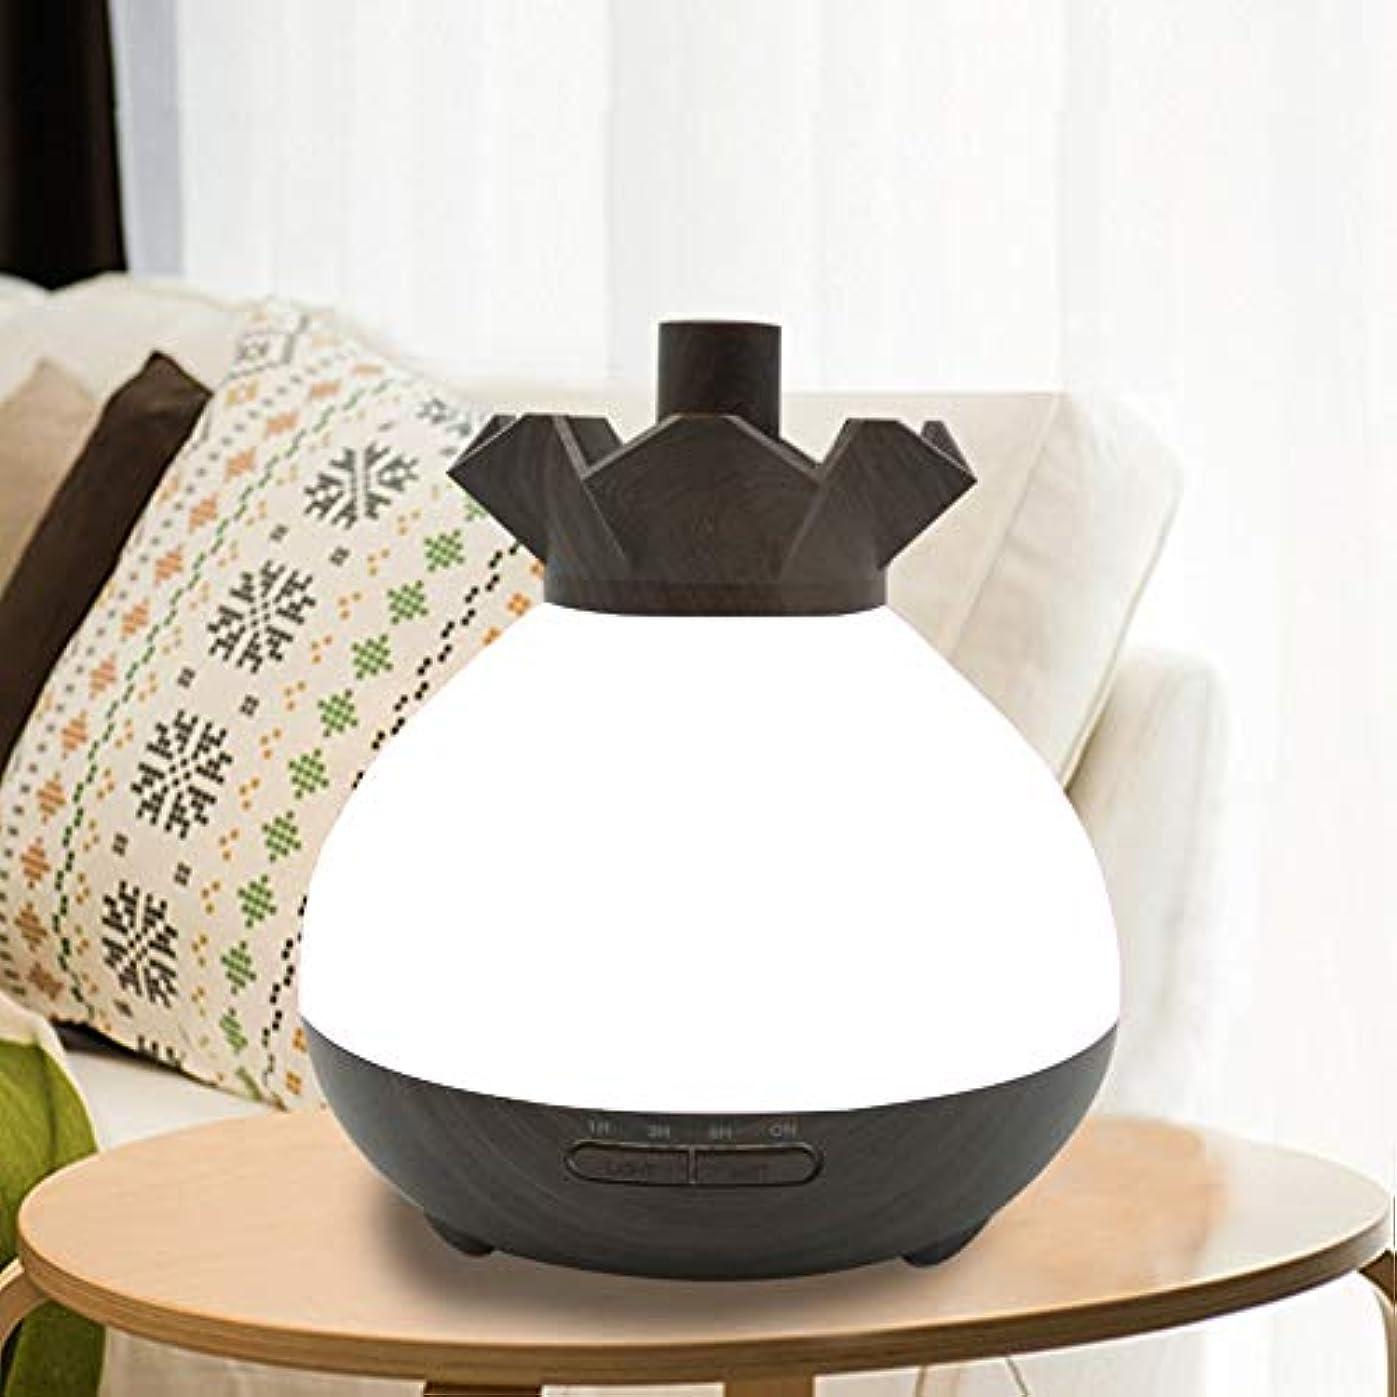 小切手アートWifiアプリコントロール 涼しい霧 加湿器,7 色 木目 空気を浄化 加湿機 プレミアム サイレント 精油 ディフューザー アロマネブライザー ベッド- 400ml